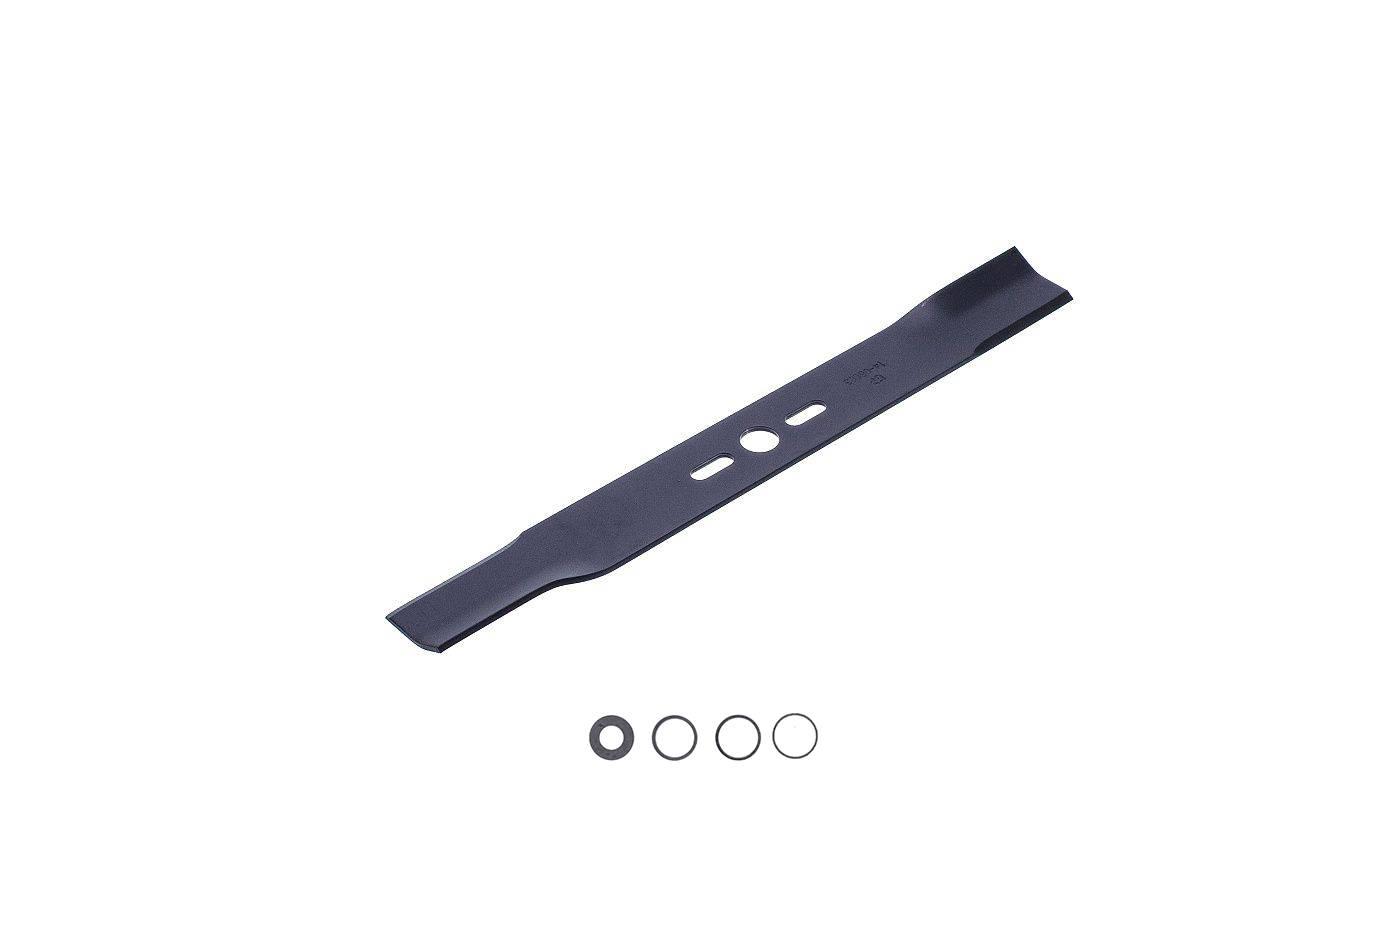 Nôž univerzalny žací 17 cali 43,1cm